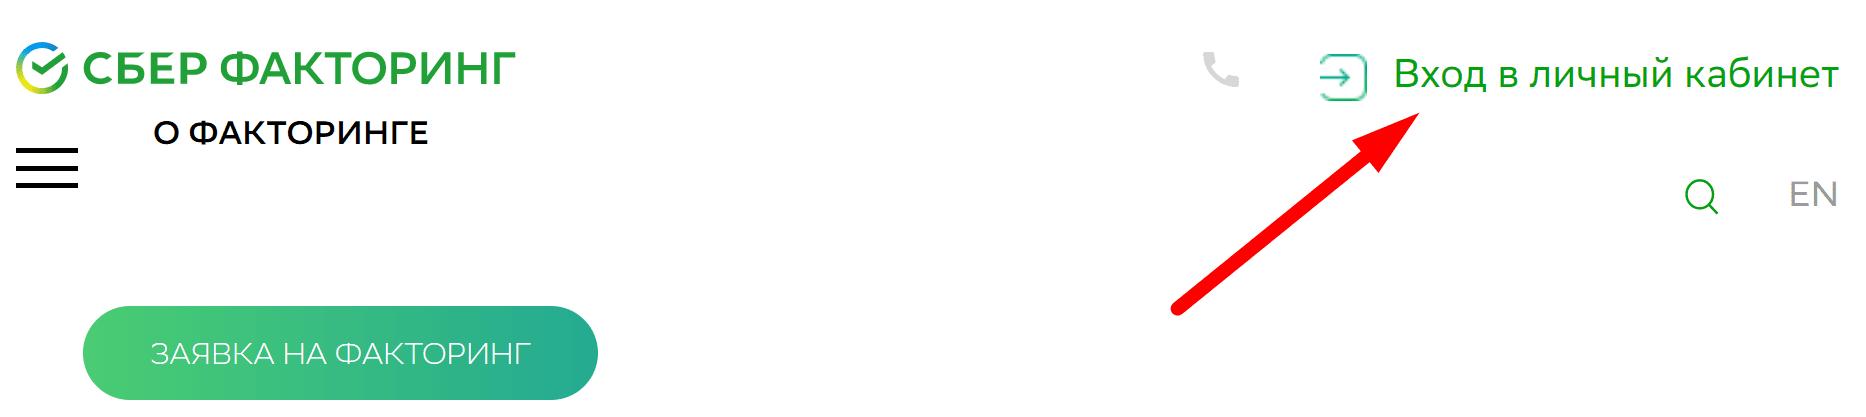 Официальный сайт Сервиса «Сбербанк факторинг»